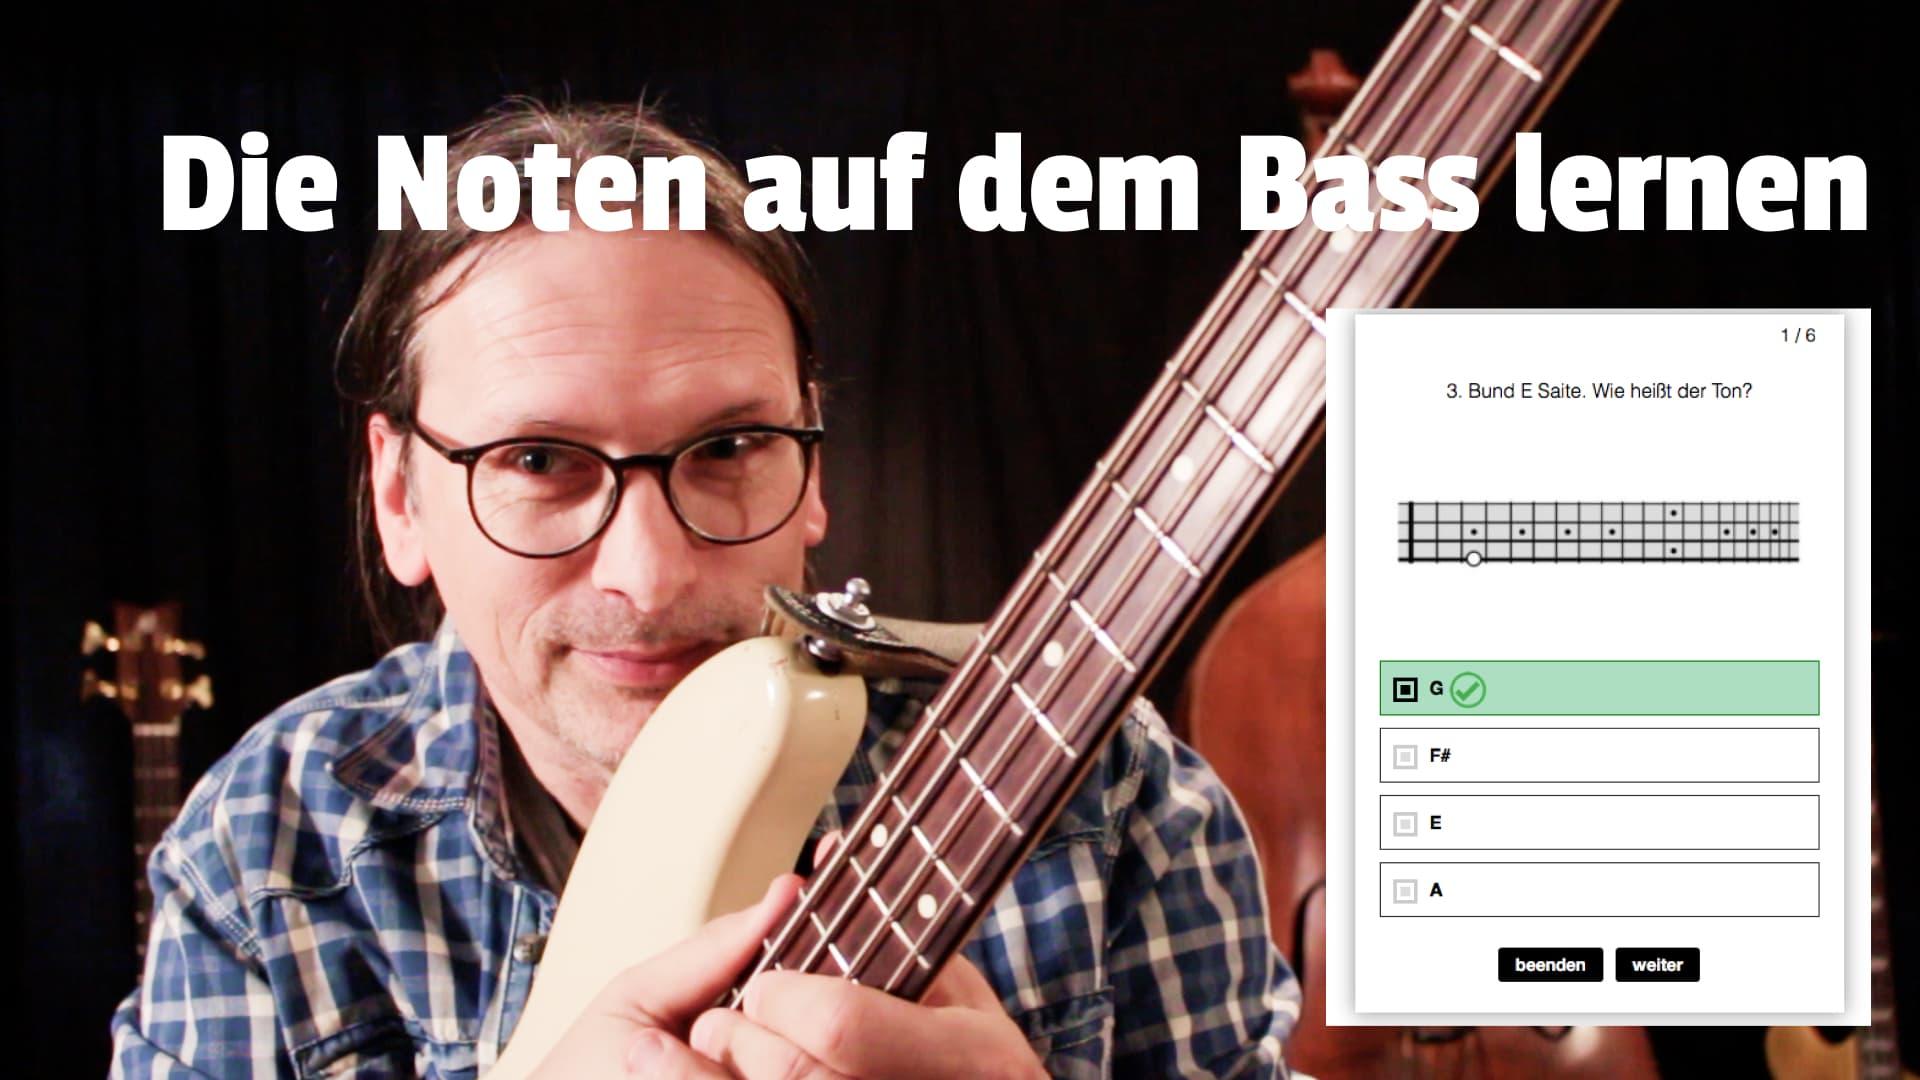 Noten auf dem Bass lernen